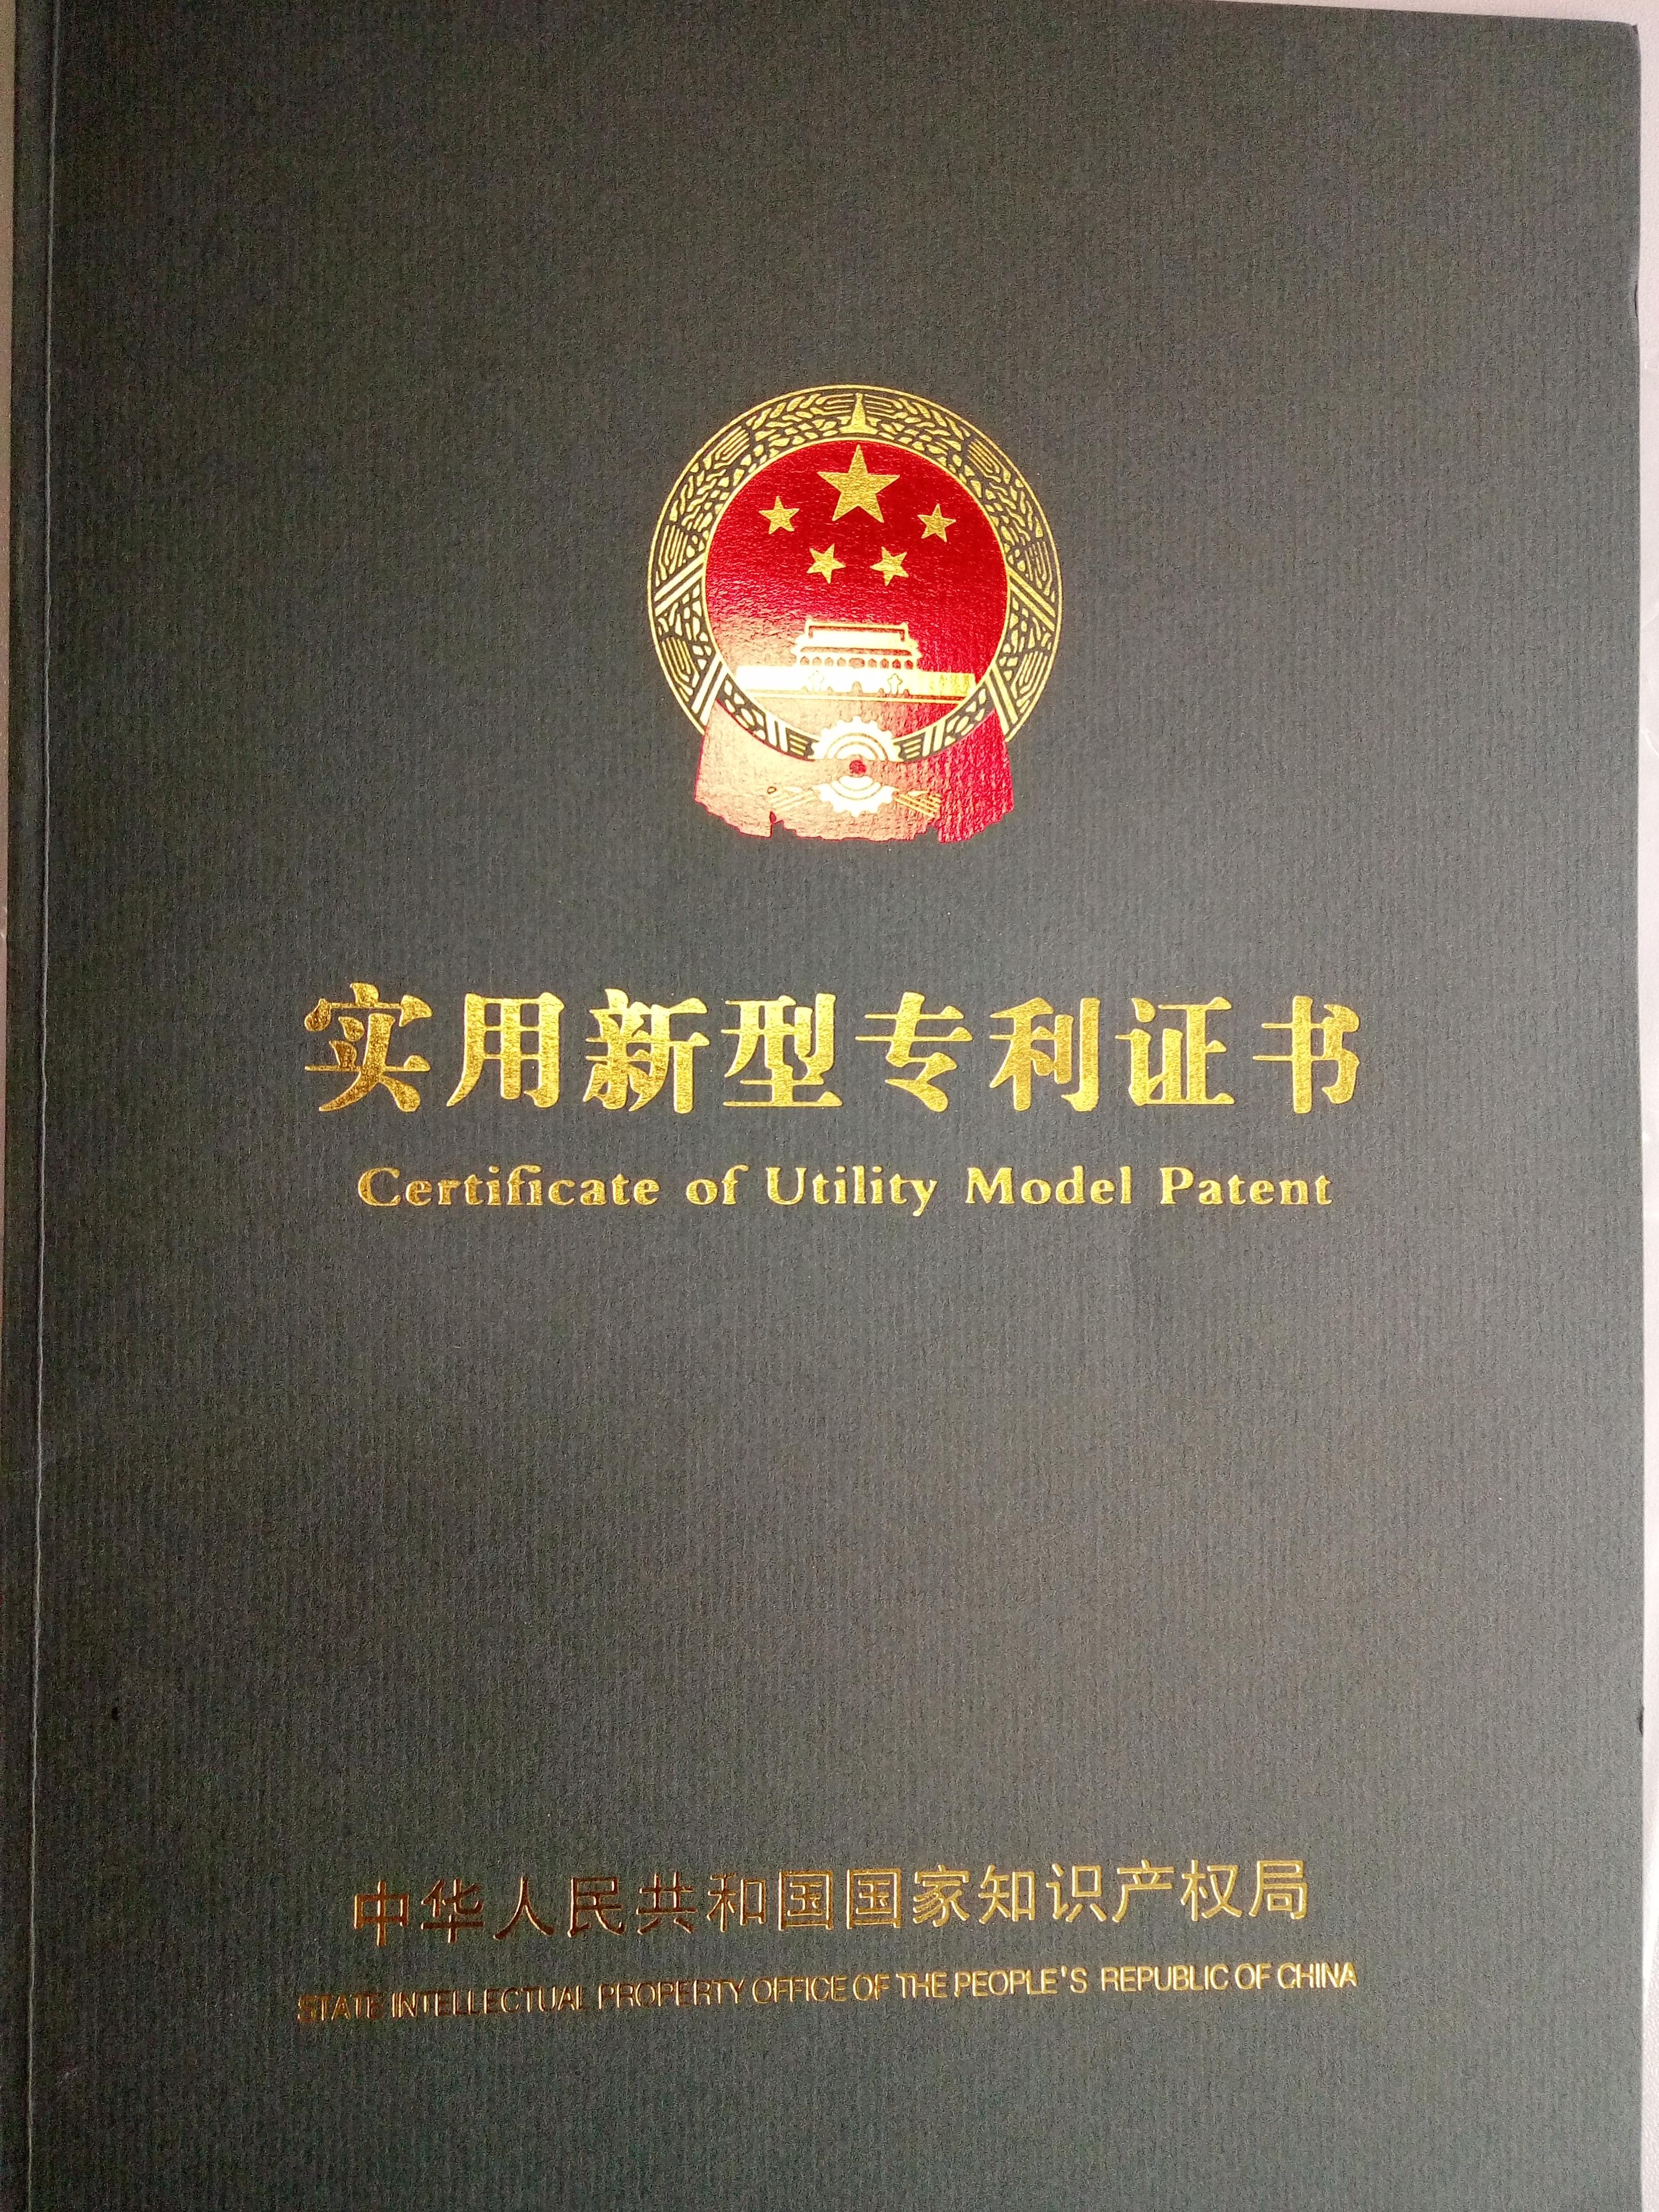 热烈祝贺本公司获得led电源电路专利证书-常州斯坦博